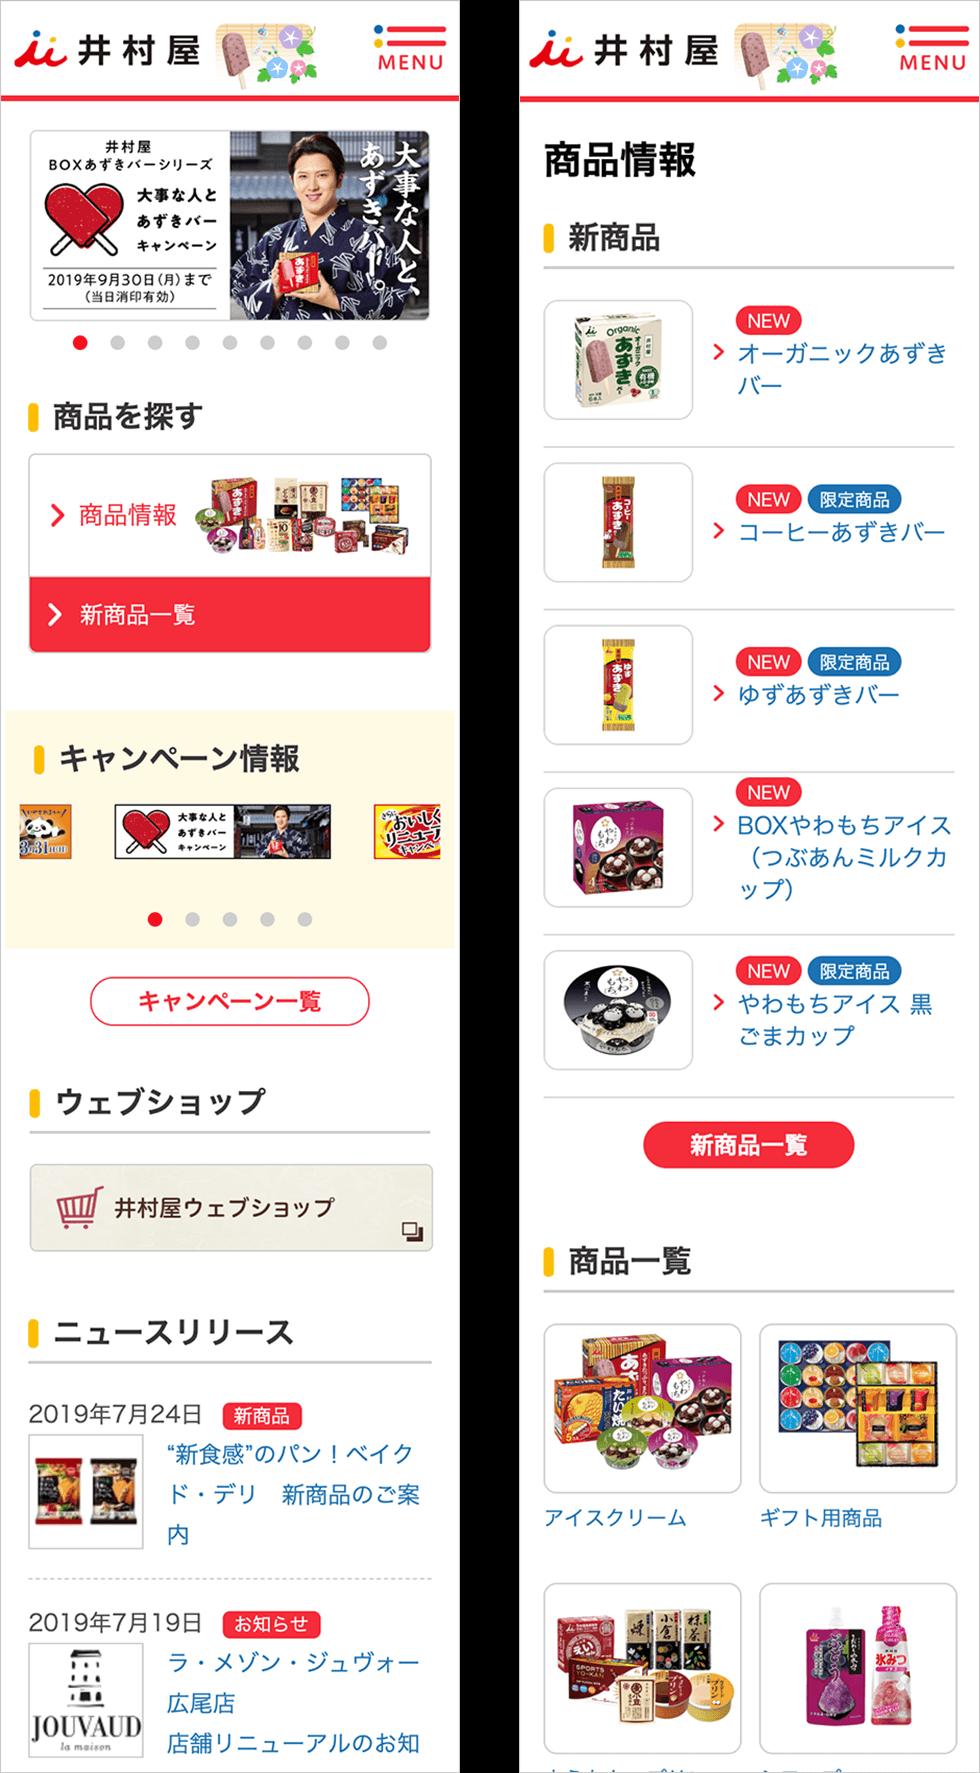 井村屋のSPトップページ画像